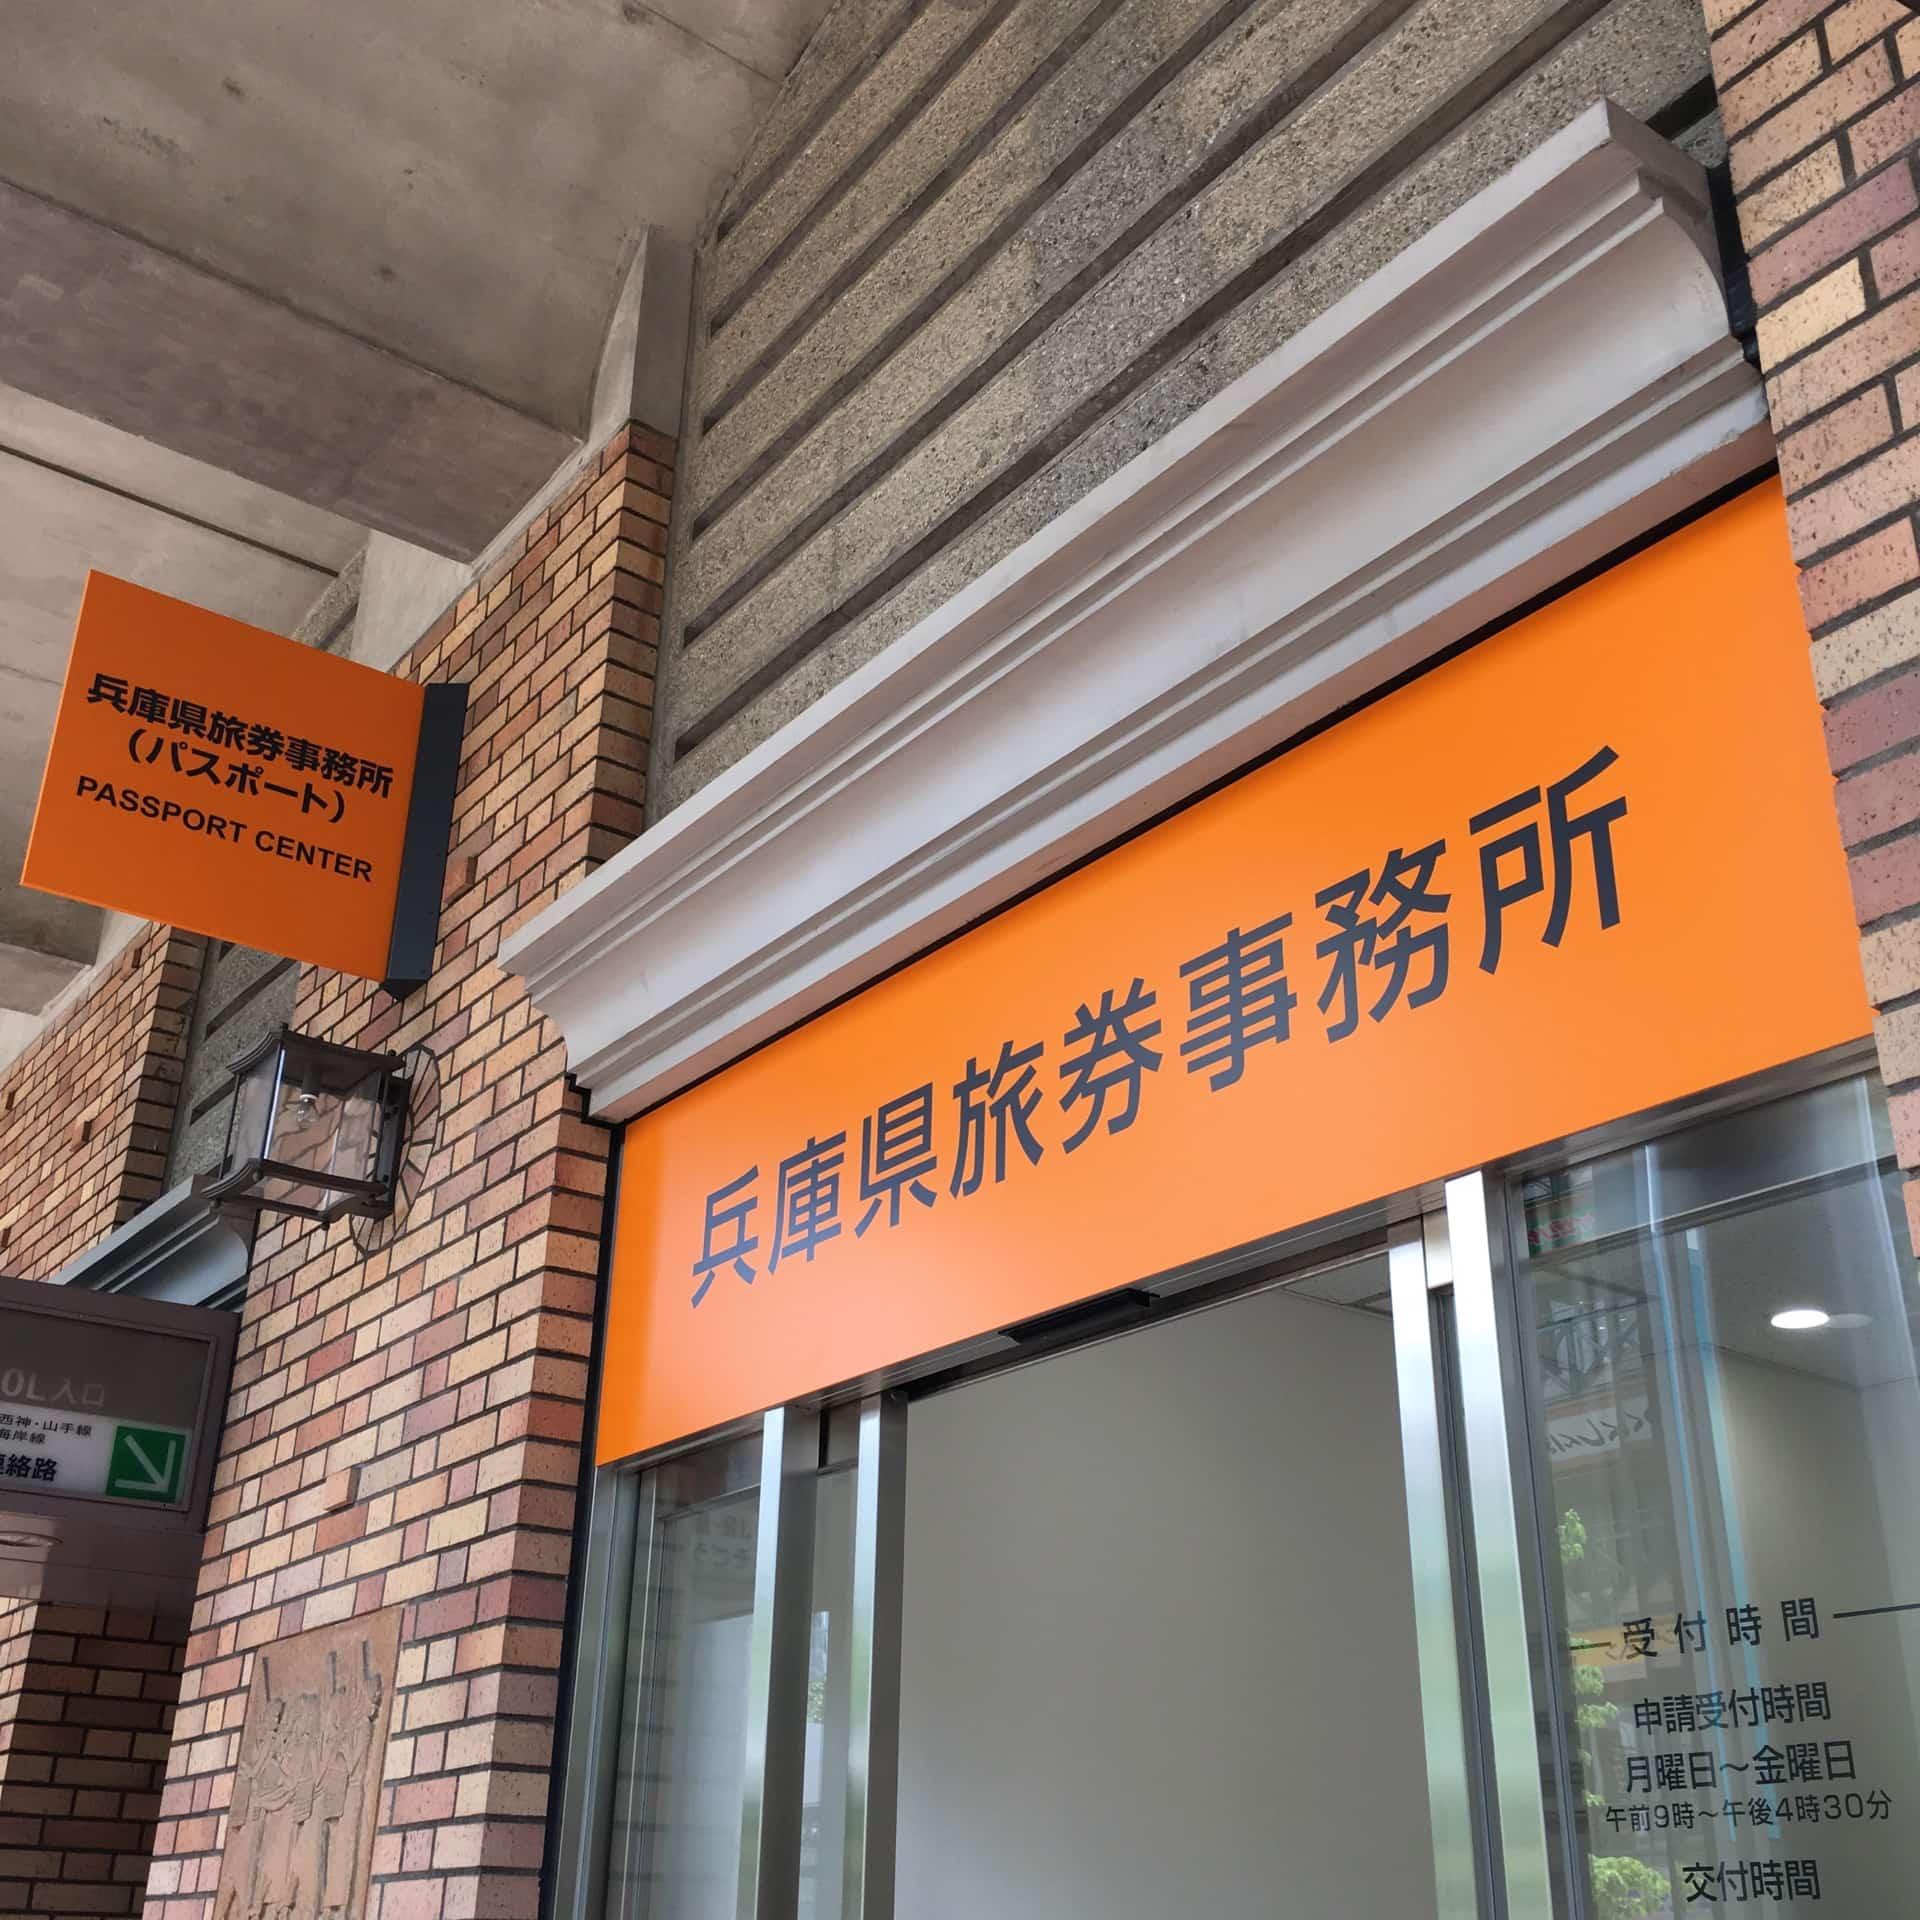 4月1日から土日もOK!兵庫県民が神戸でパスポート申請・更新する方法